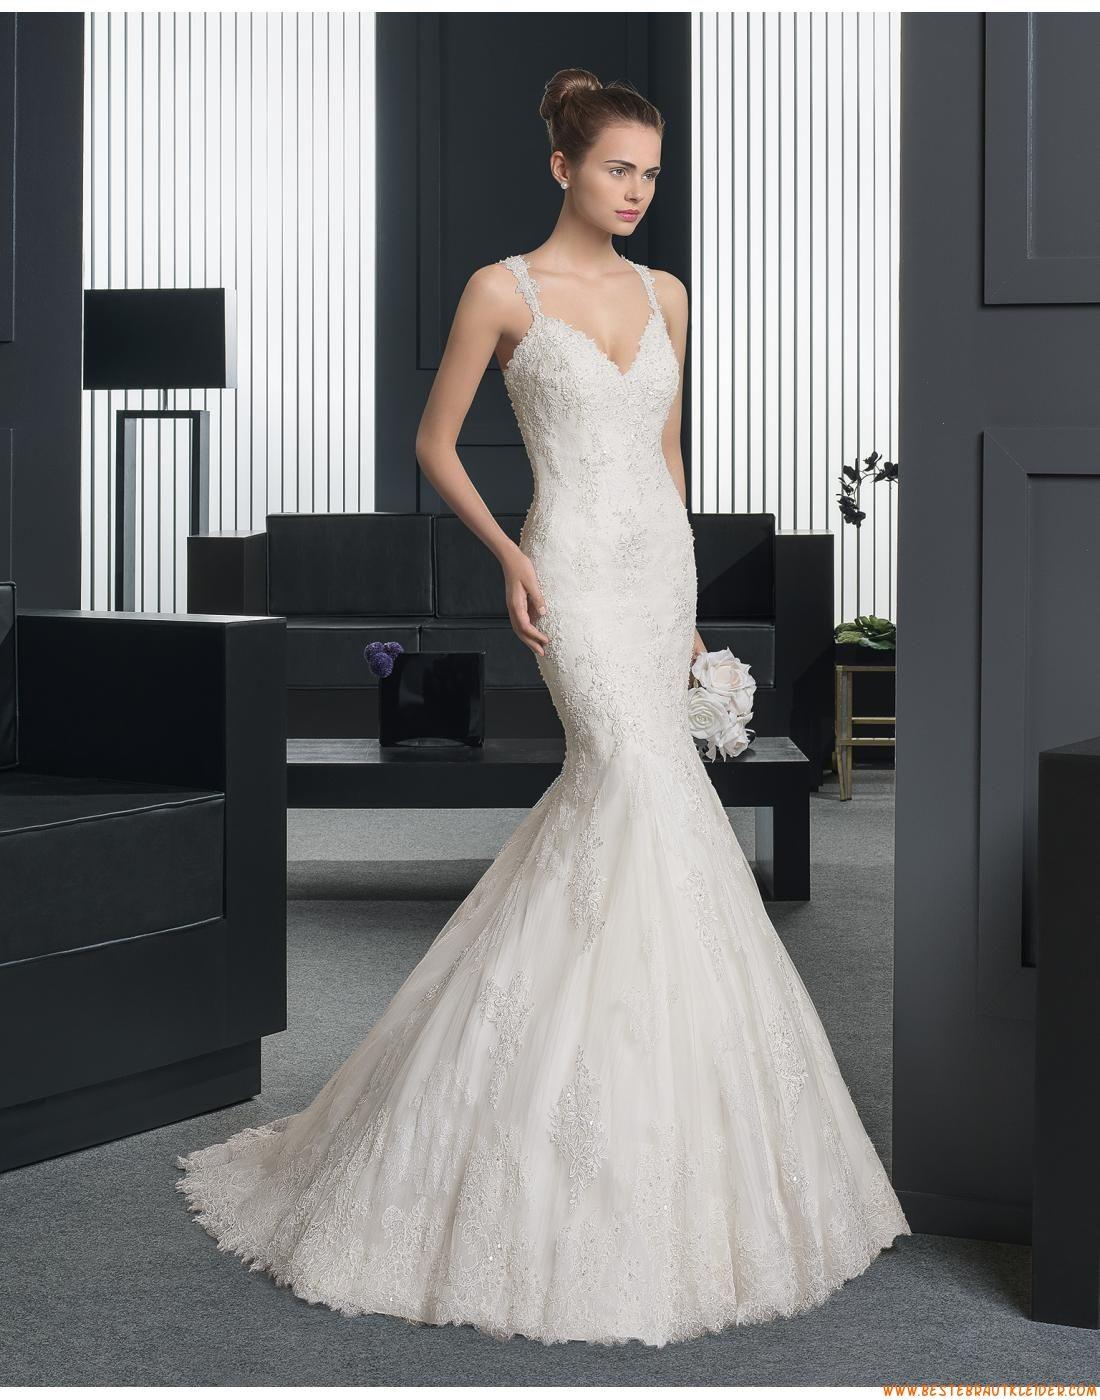 Meerjungfrau Glamouröse Moderne Brautkleider aus Softnetz mit ...